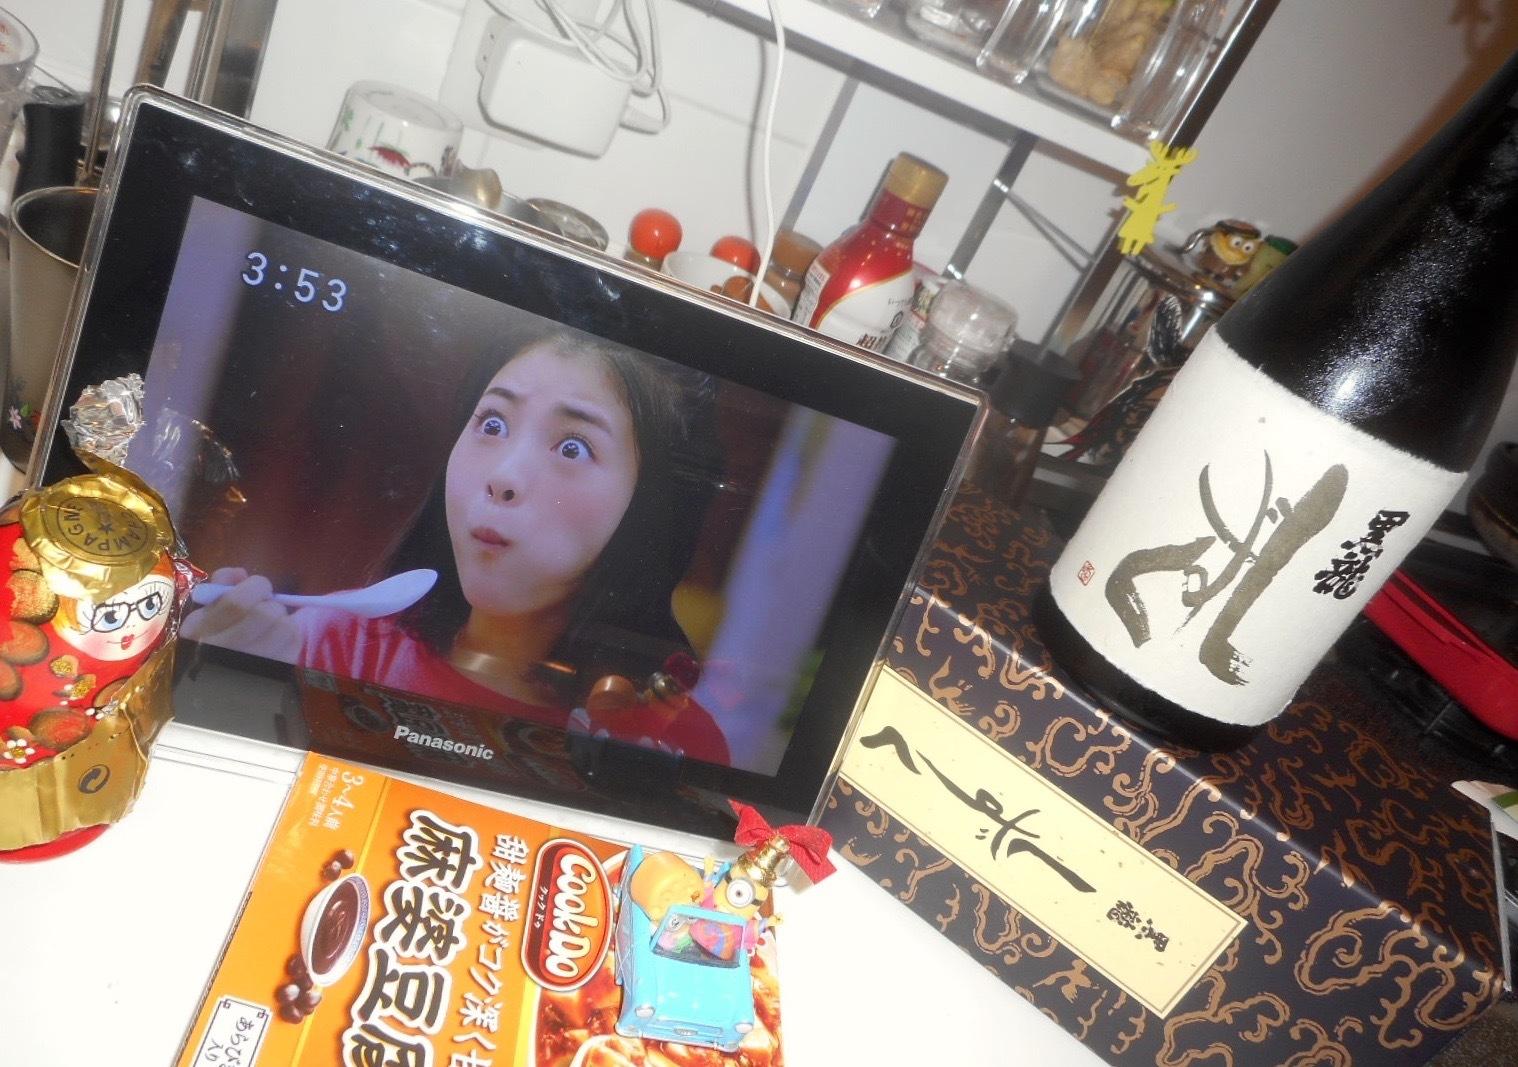 kokuryu_shizuku29by1.jpg